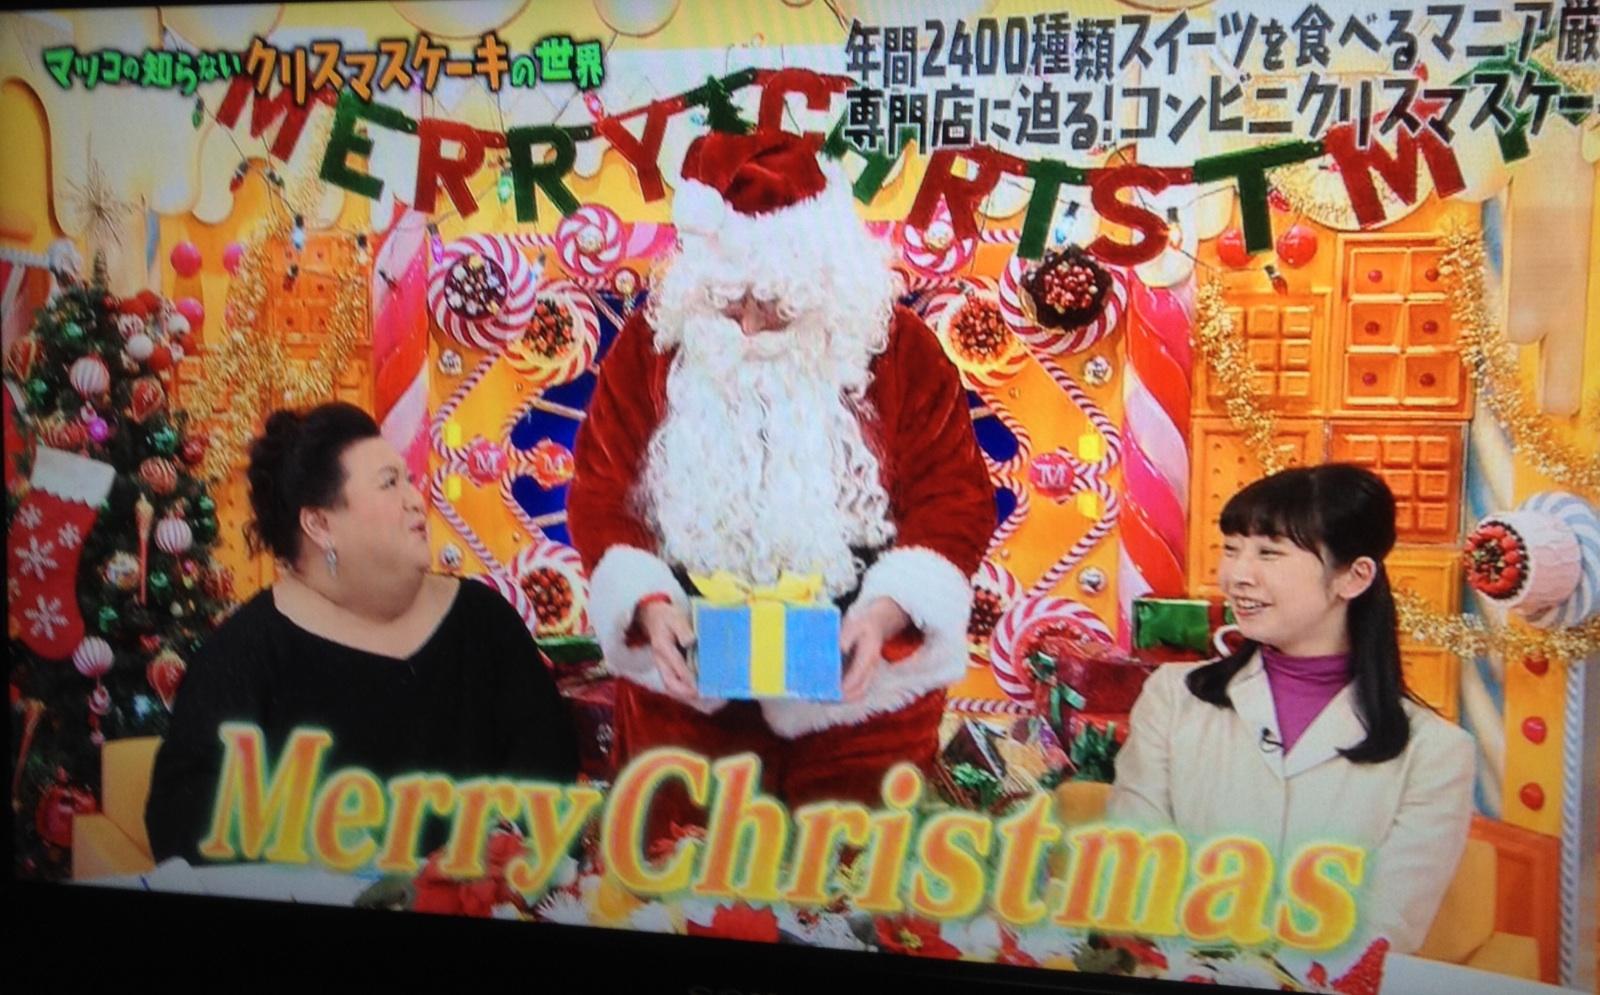 マツコデラックス×平岩理緒クリスマスケーキの世界×ファミマ×ローソン0003